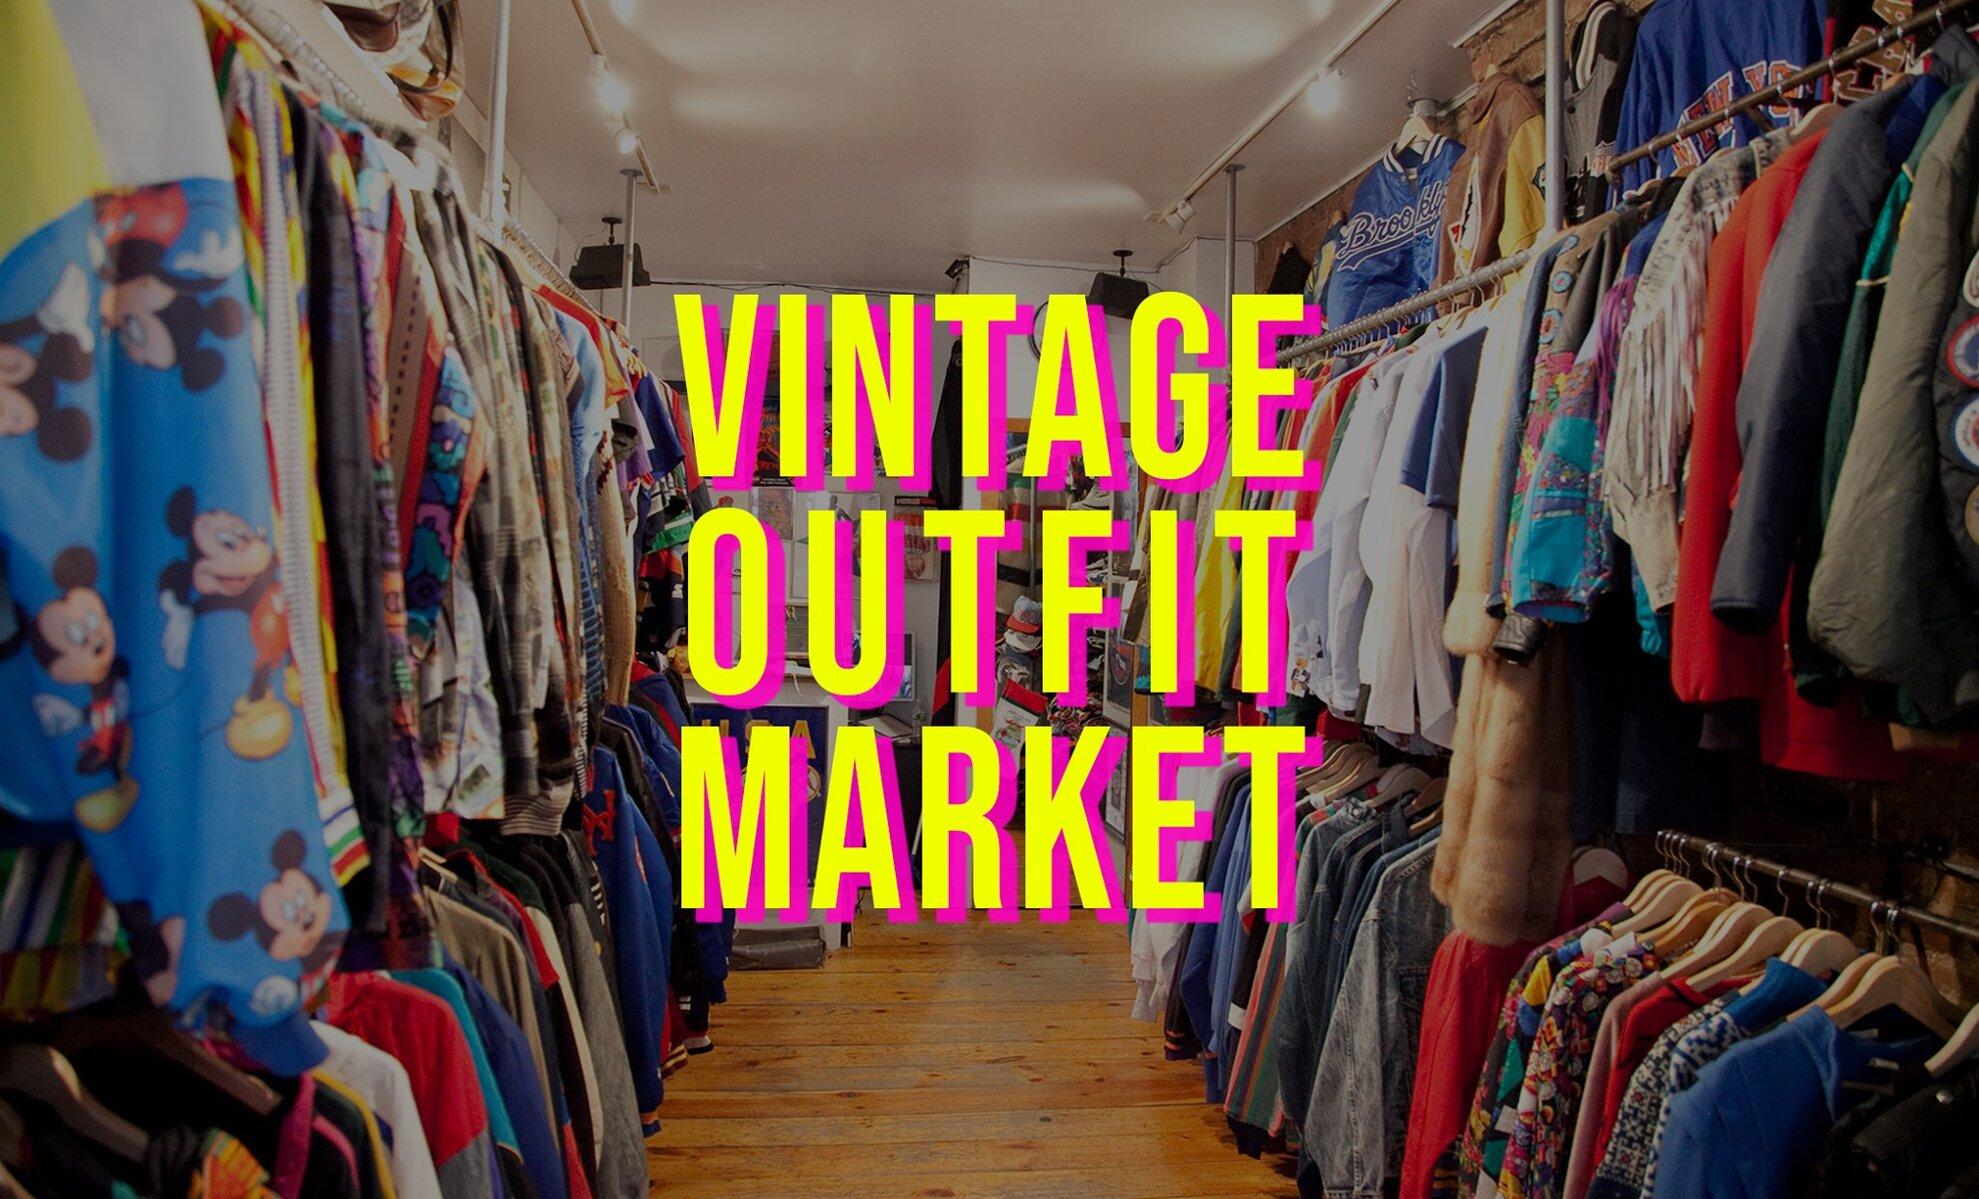 I. Vintage Outfit Market